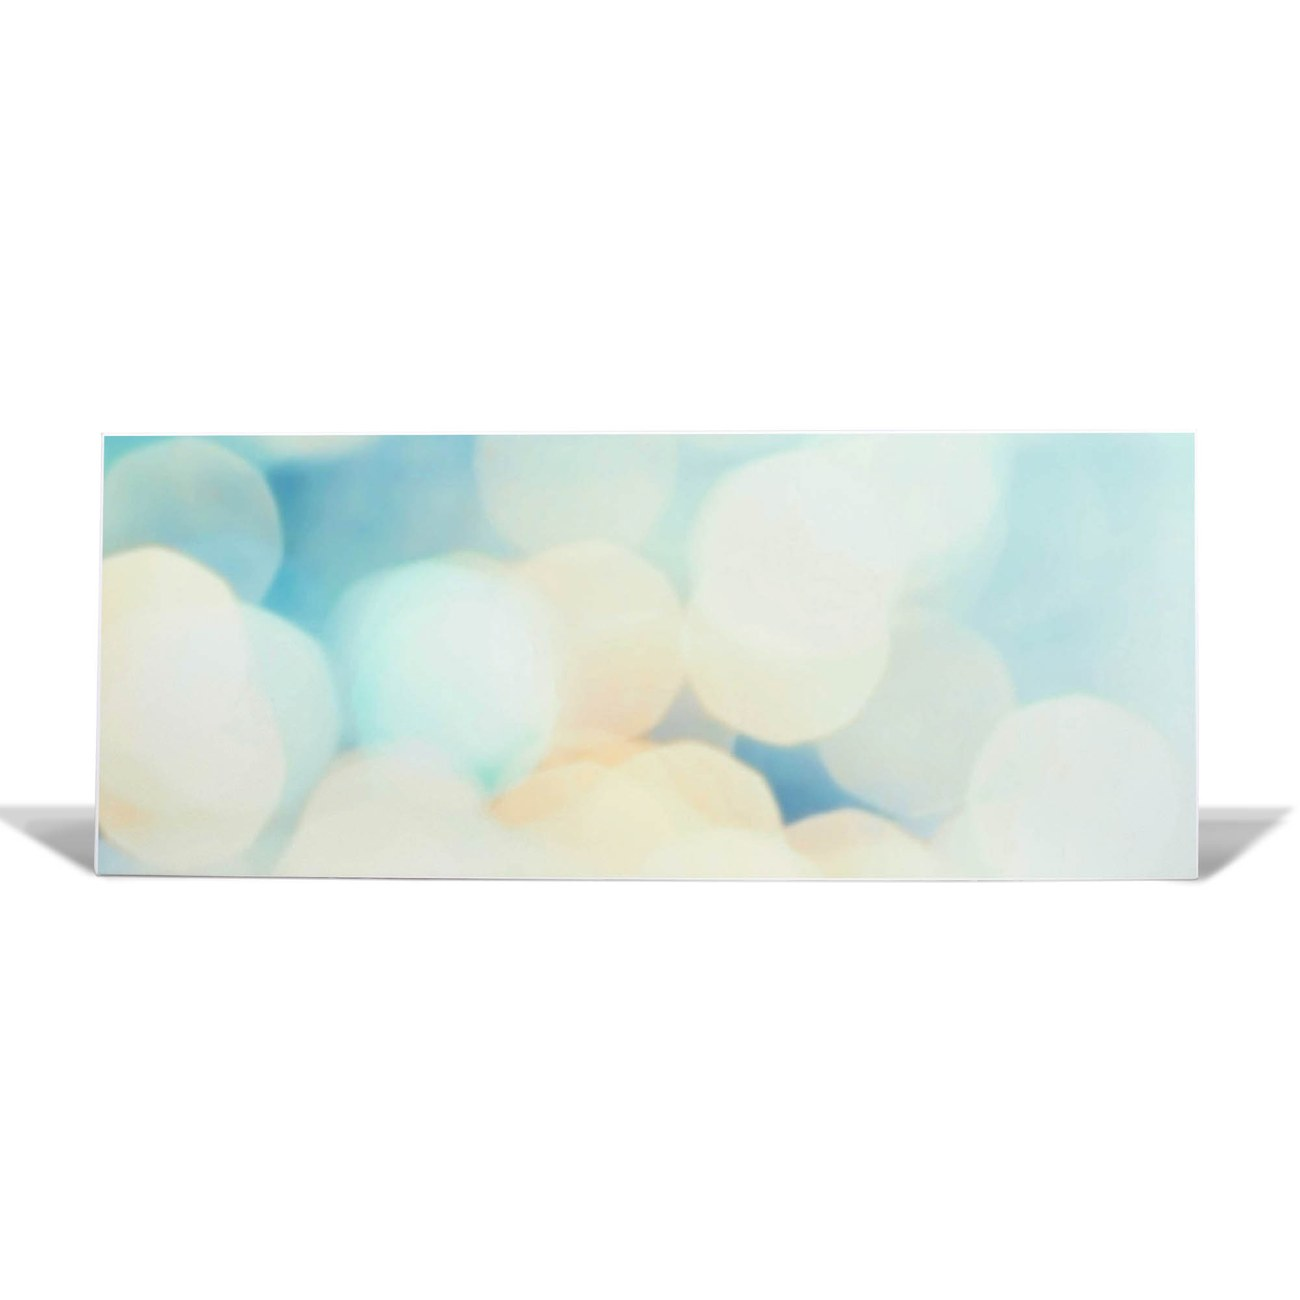 Magnettafel 75x30cm weiß Querformat Funkelnde Lichter – Bild 1